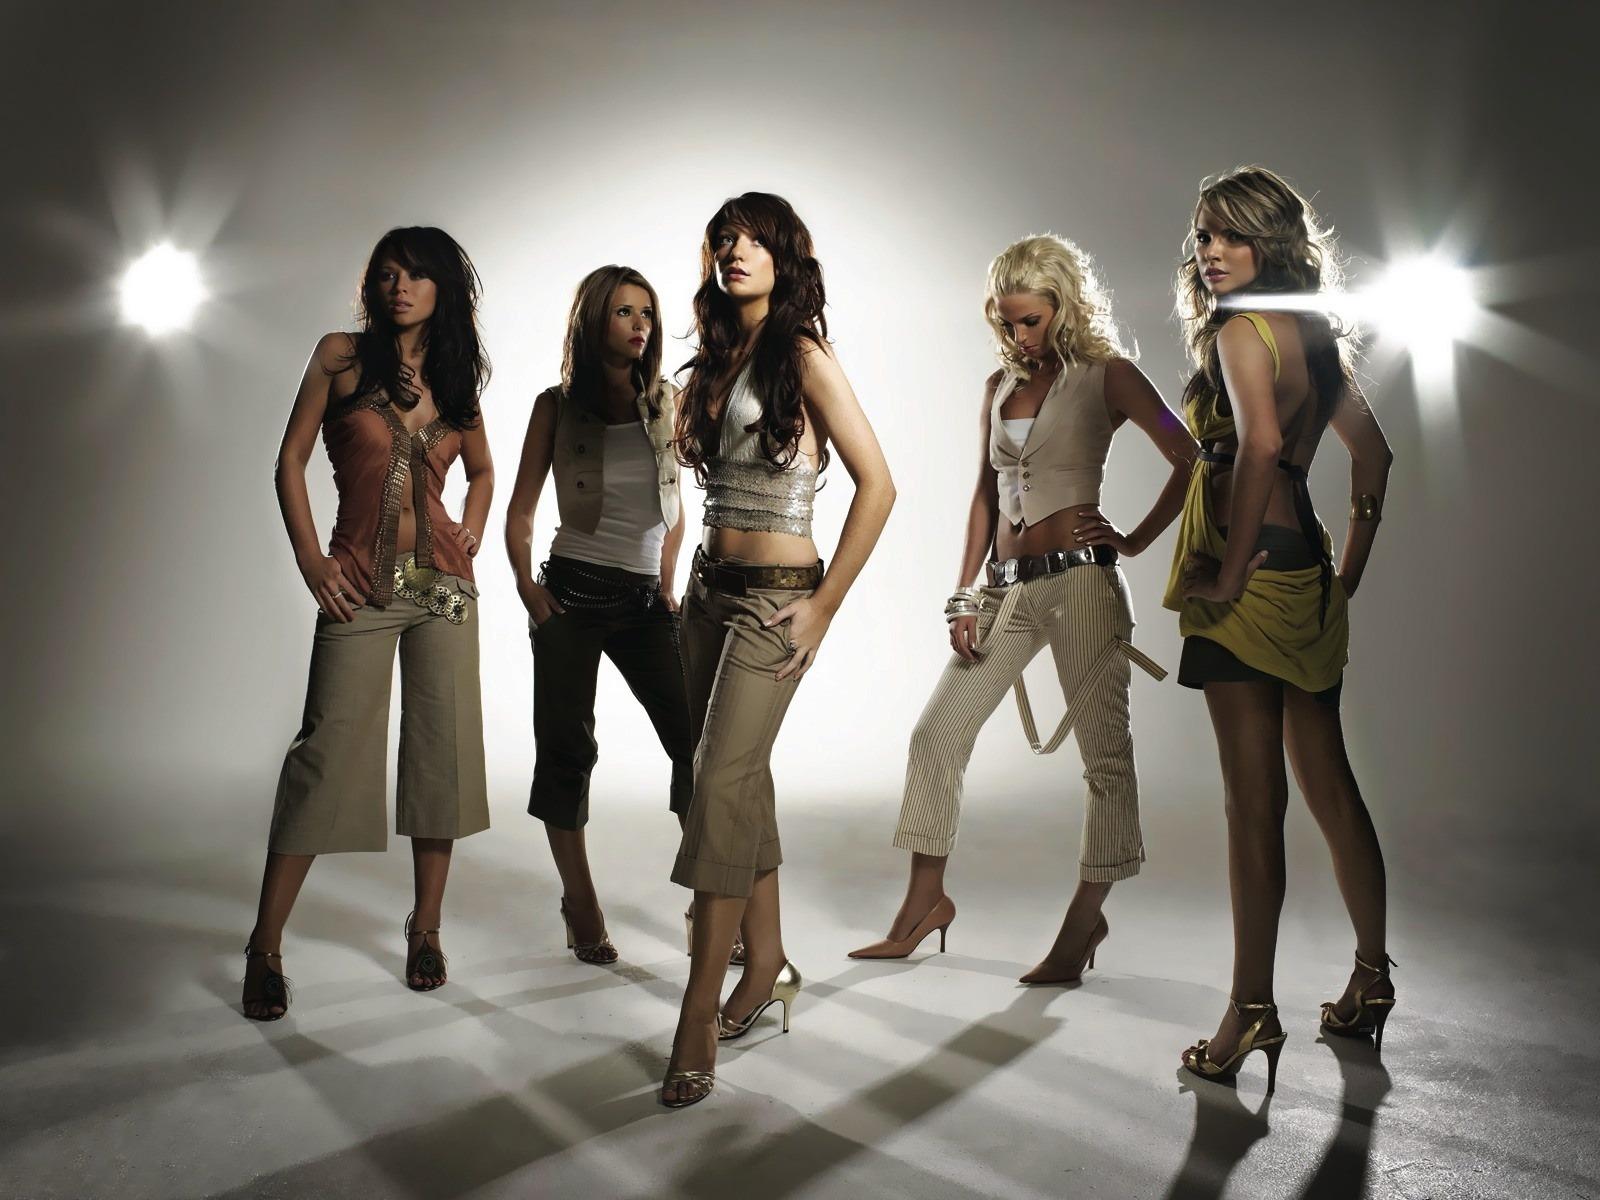 http://2.bp.blogspot.com/_x-TAOqqJ4G8/S6nkf03HnII/AAAAAAAACR0/QSnTsxpxZho/s1600/girls_aloud.jpg